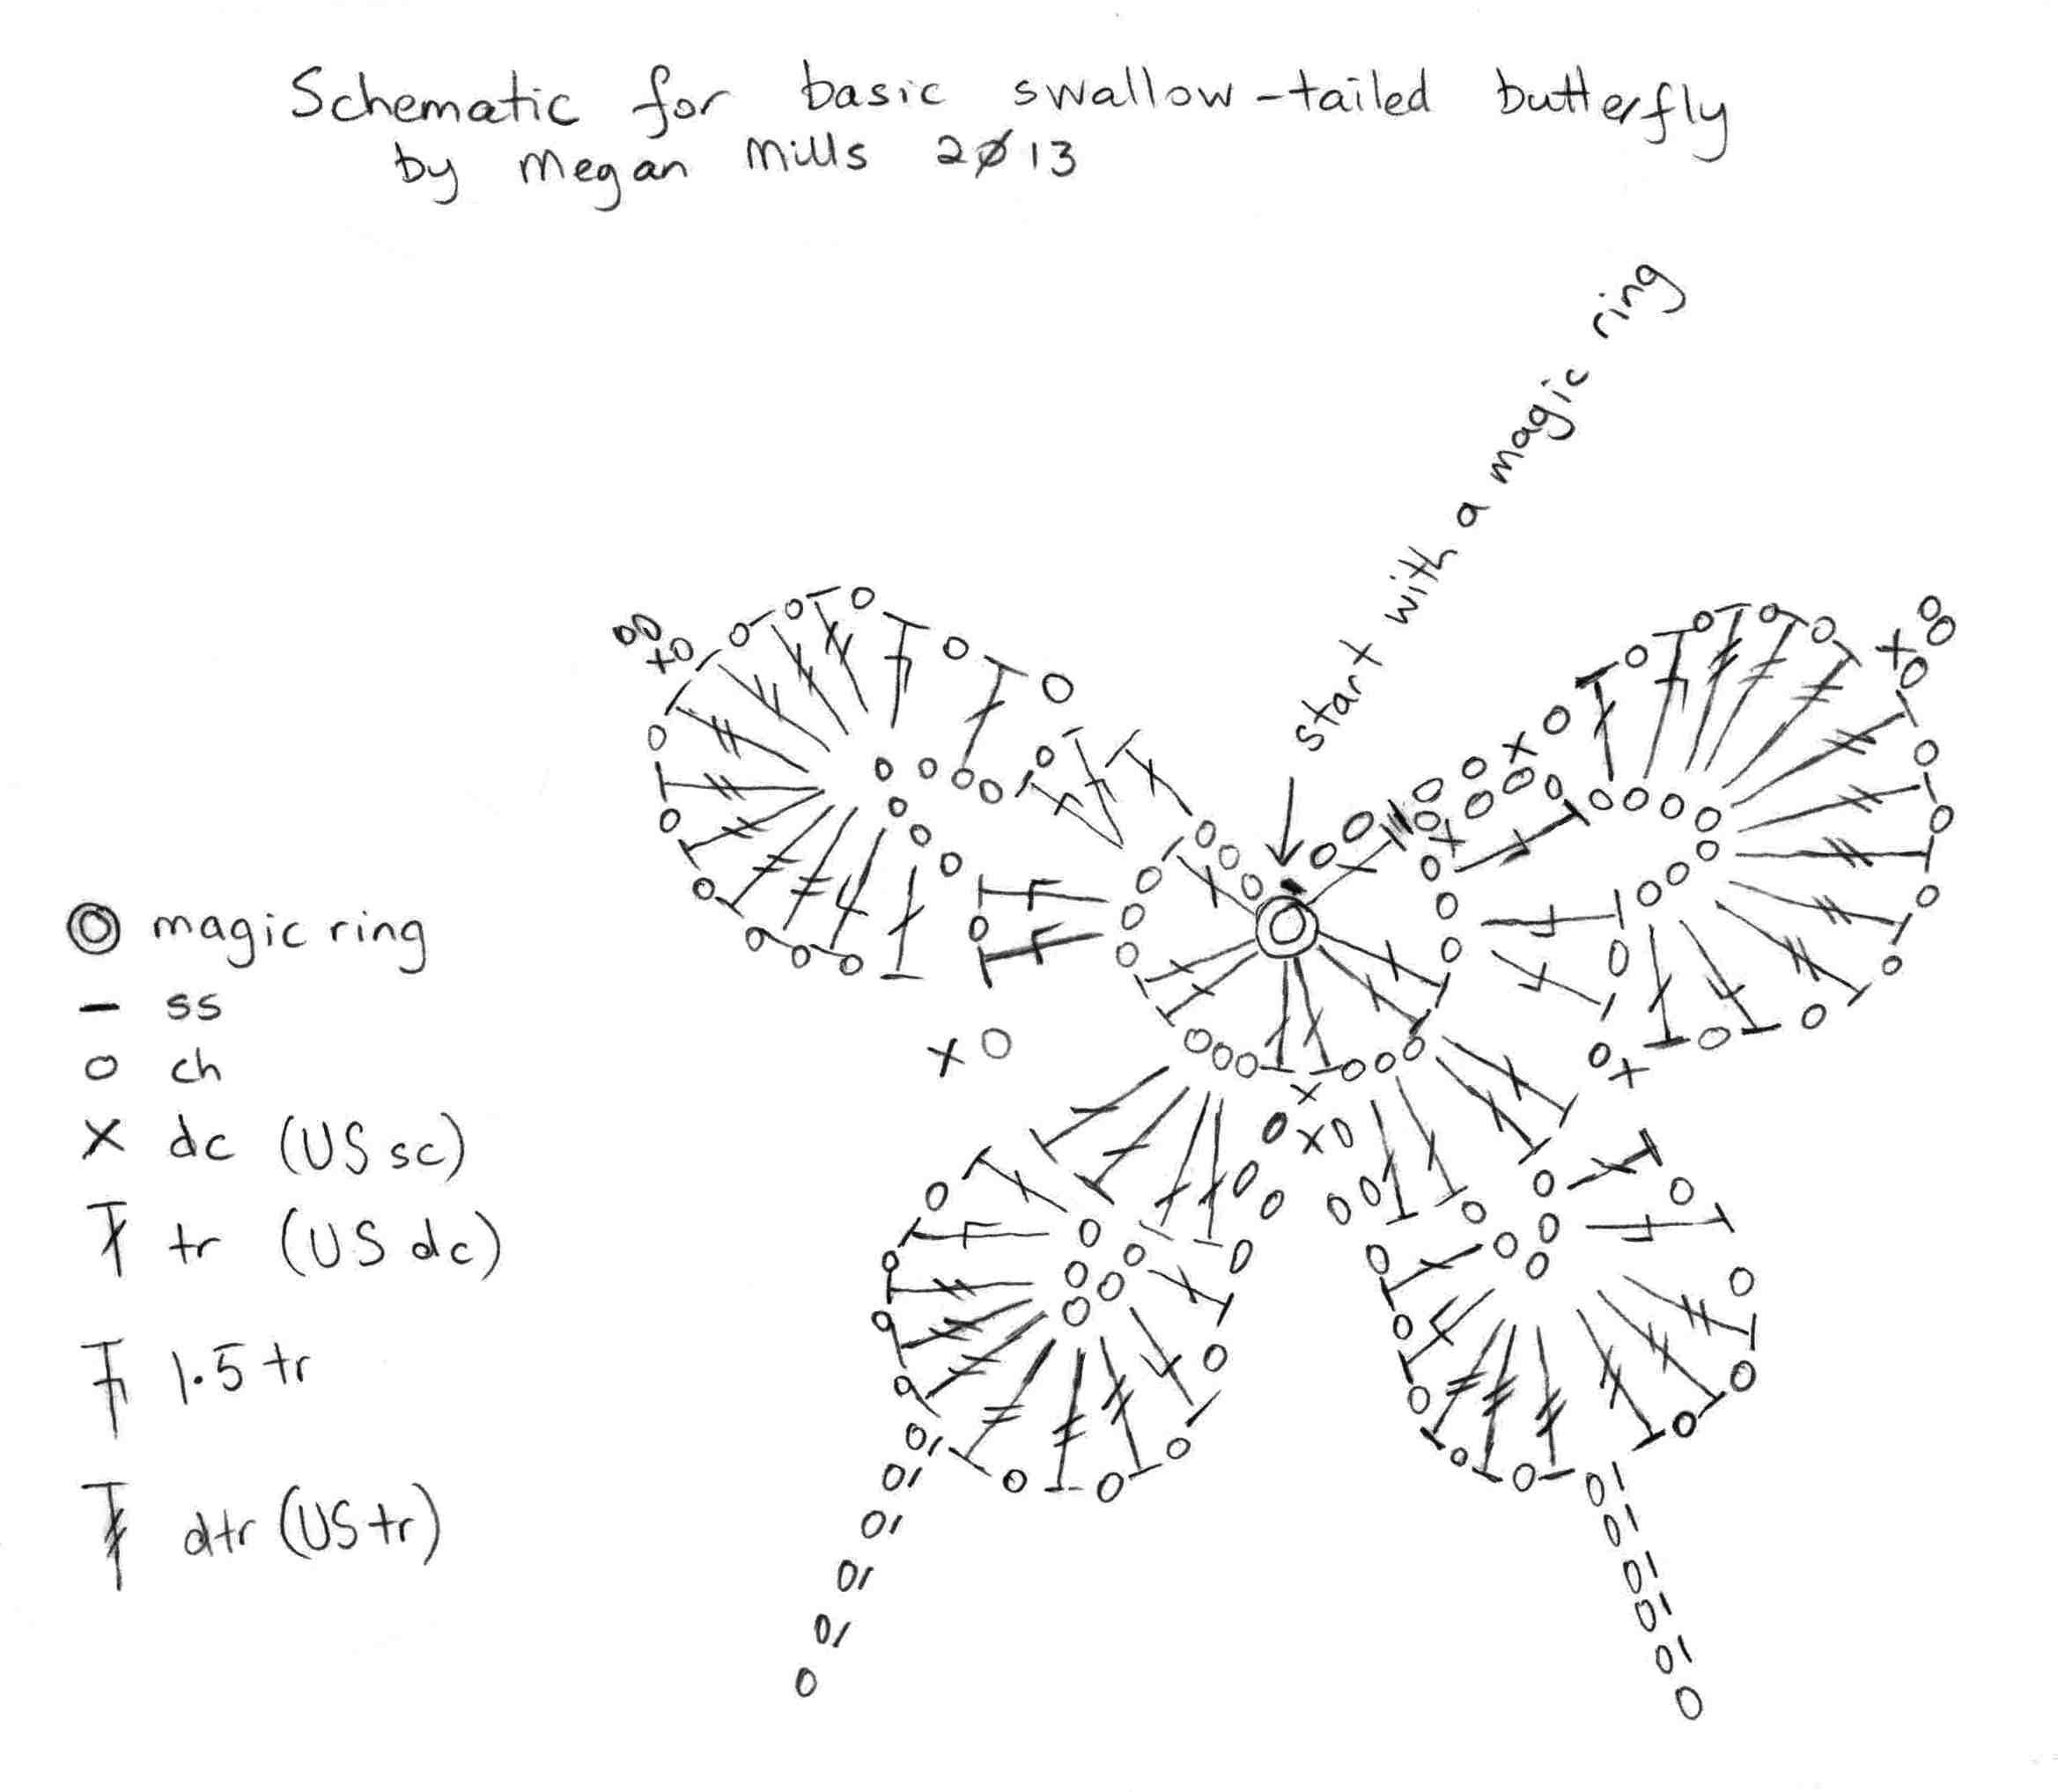 crochet butterfly pattern crochet swallow-tailed butterflies, free pattern pemyfeb